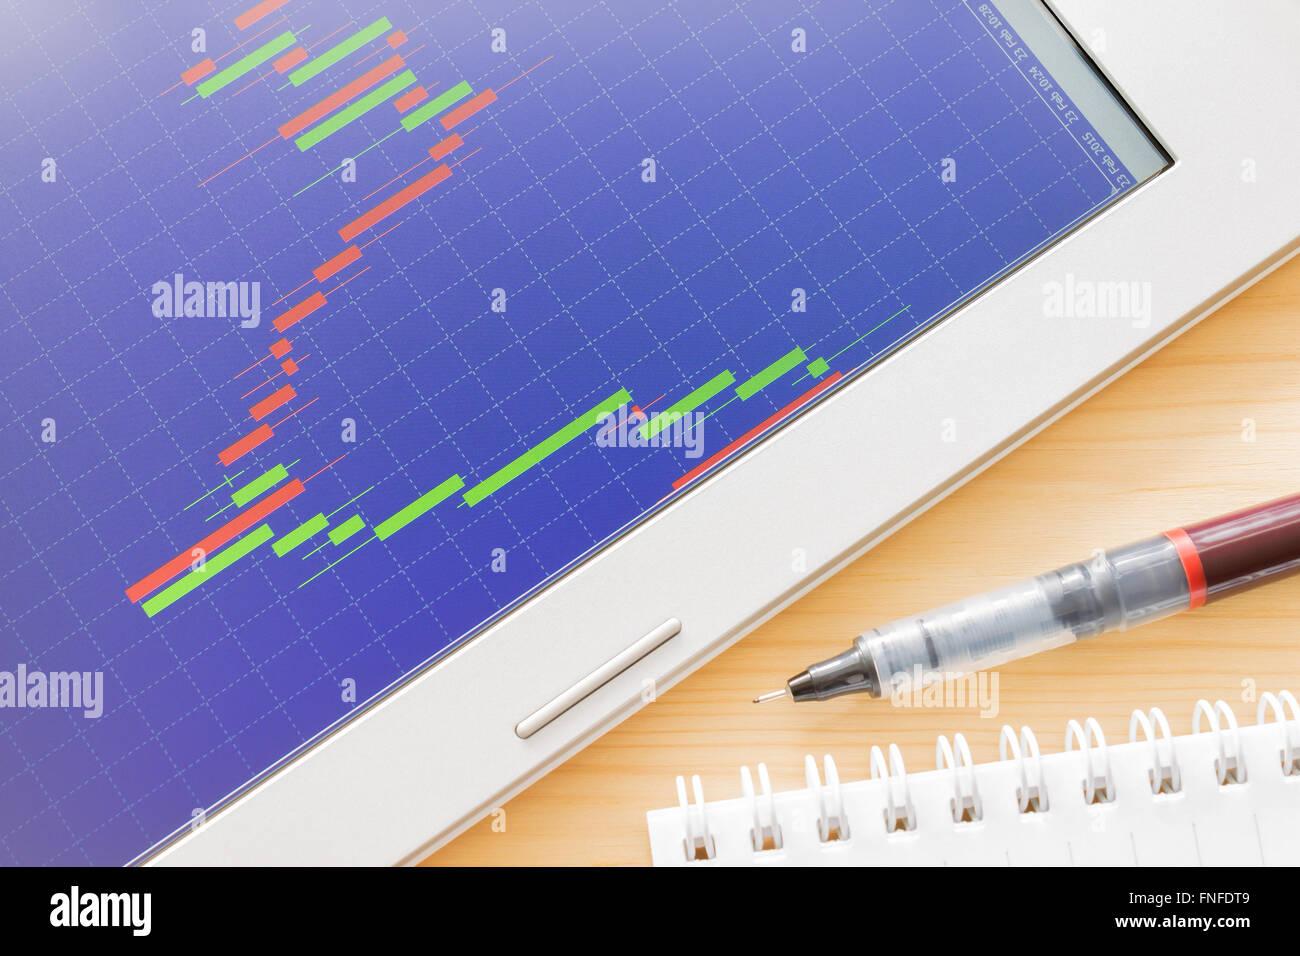 Rechner für die Preisentwicklung zwischen 2 Daten (Inflation, Lebenshaltungskosten), Frankreich, USA, Schweiz.